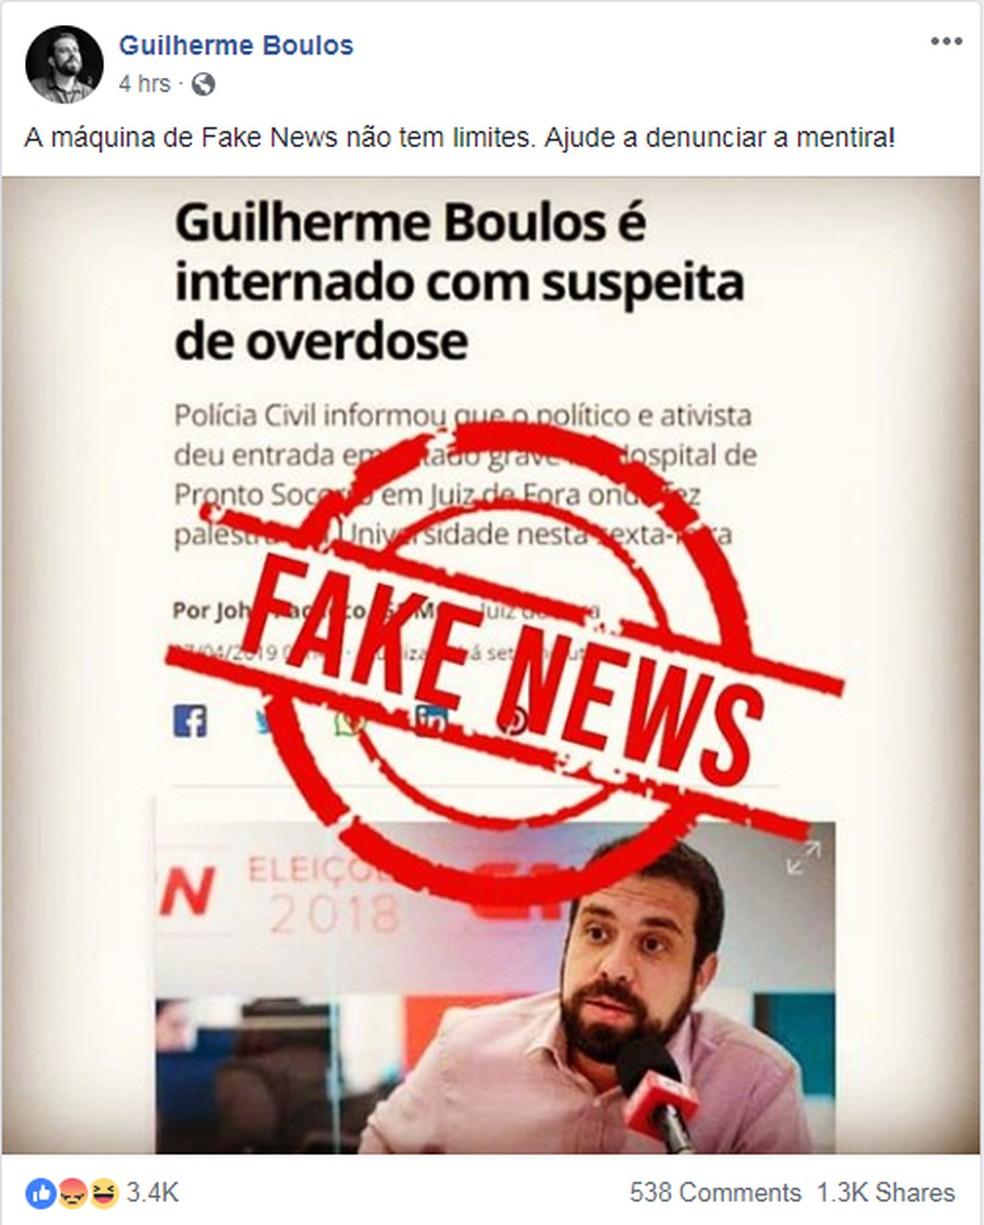 Boulos publicou um desmentido nas redes sociais — Foto: Reprodução/Facebook